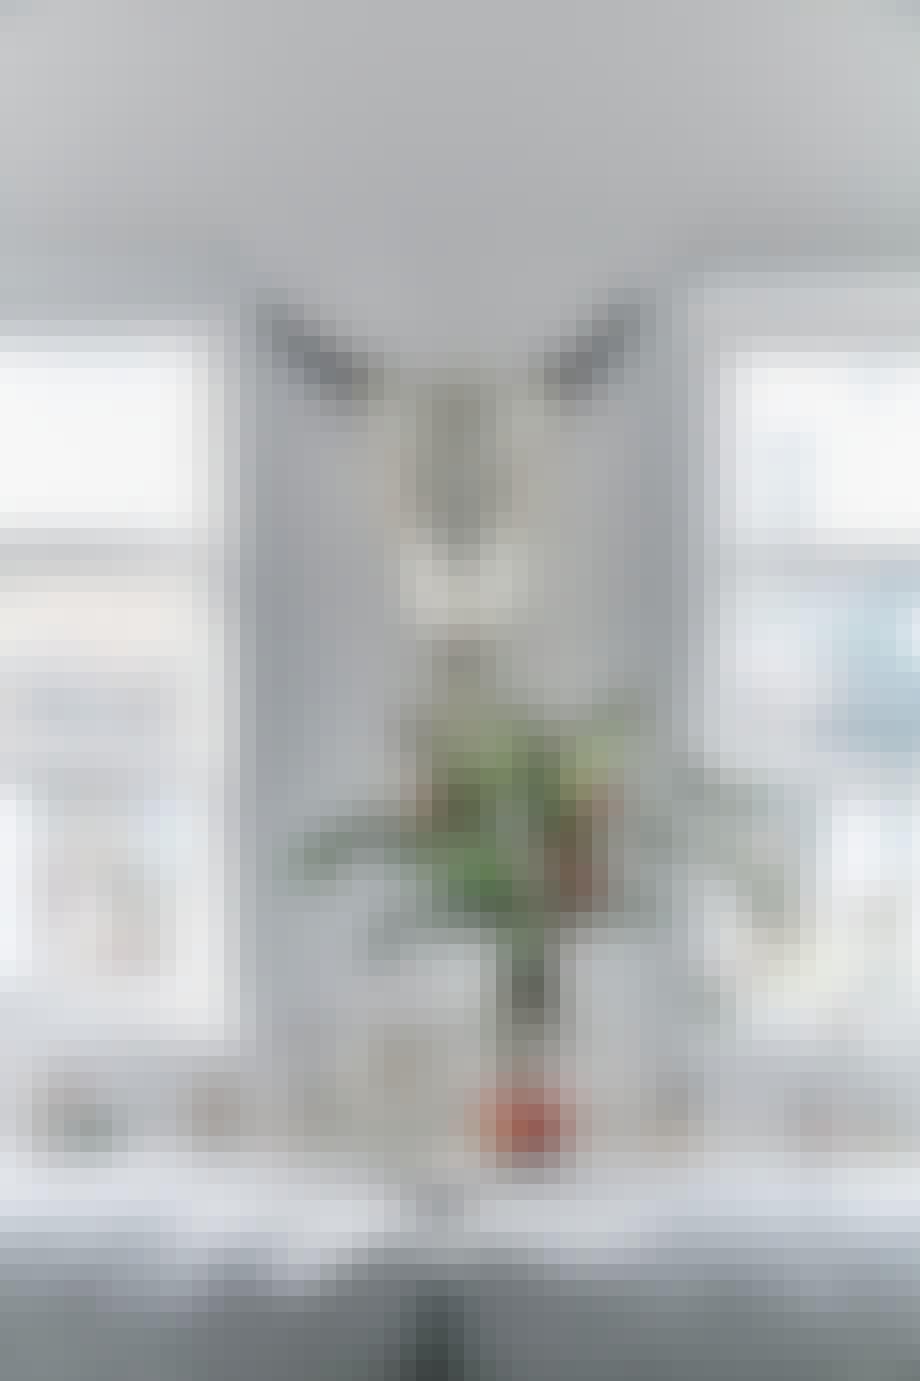 vindueskarm med stor vase og julefigurer fra royal copenhagen